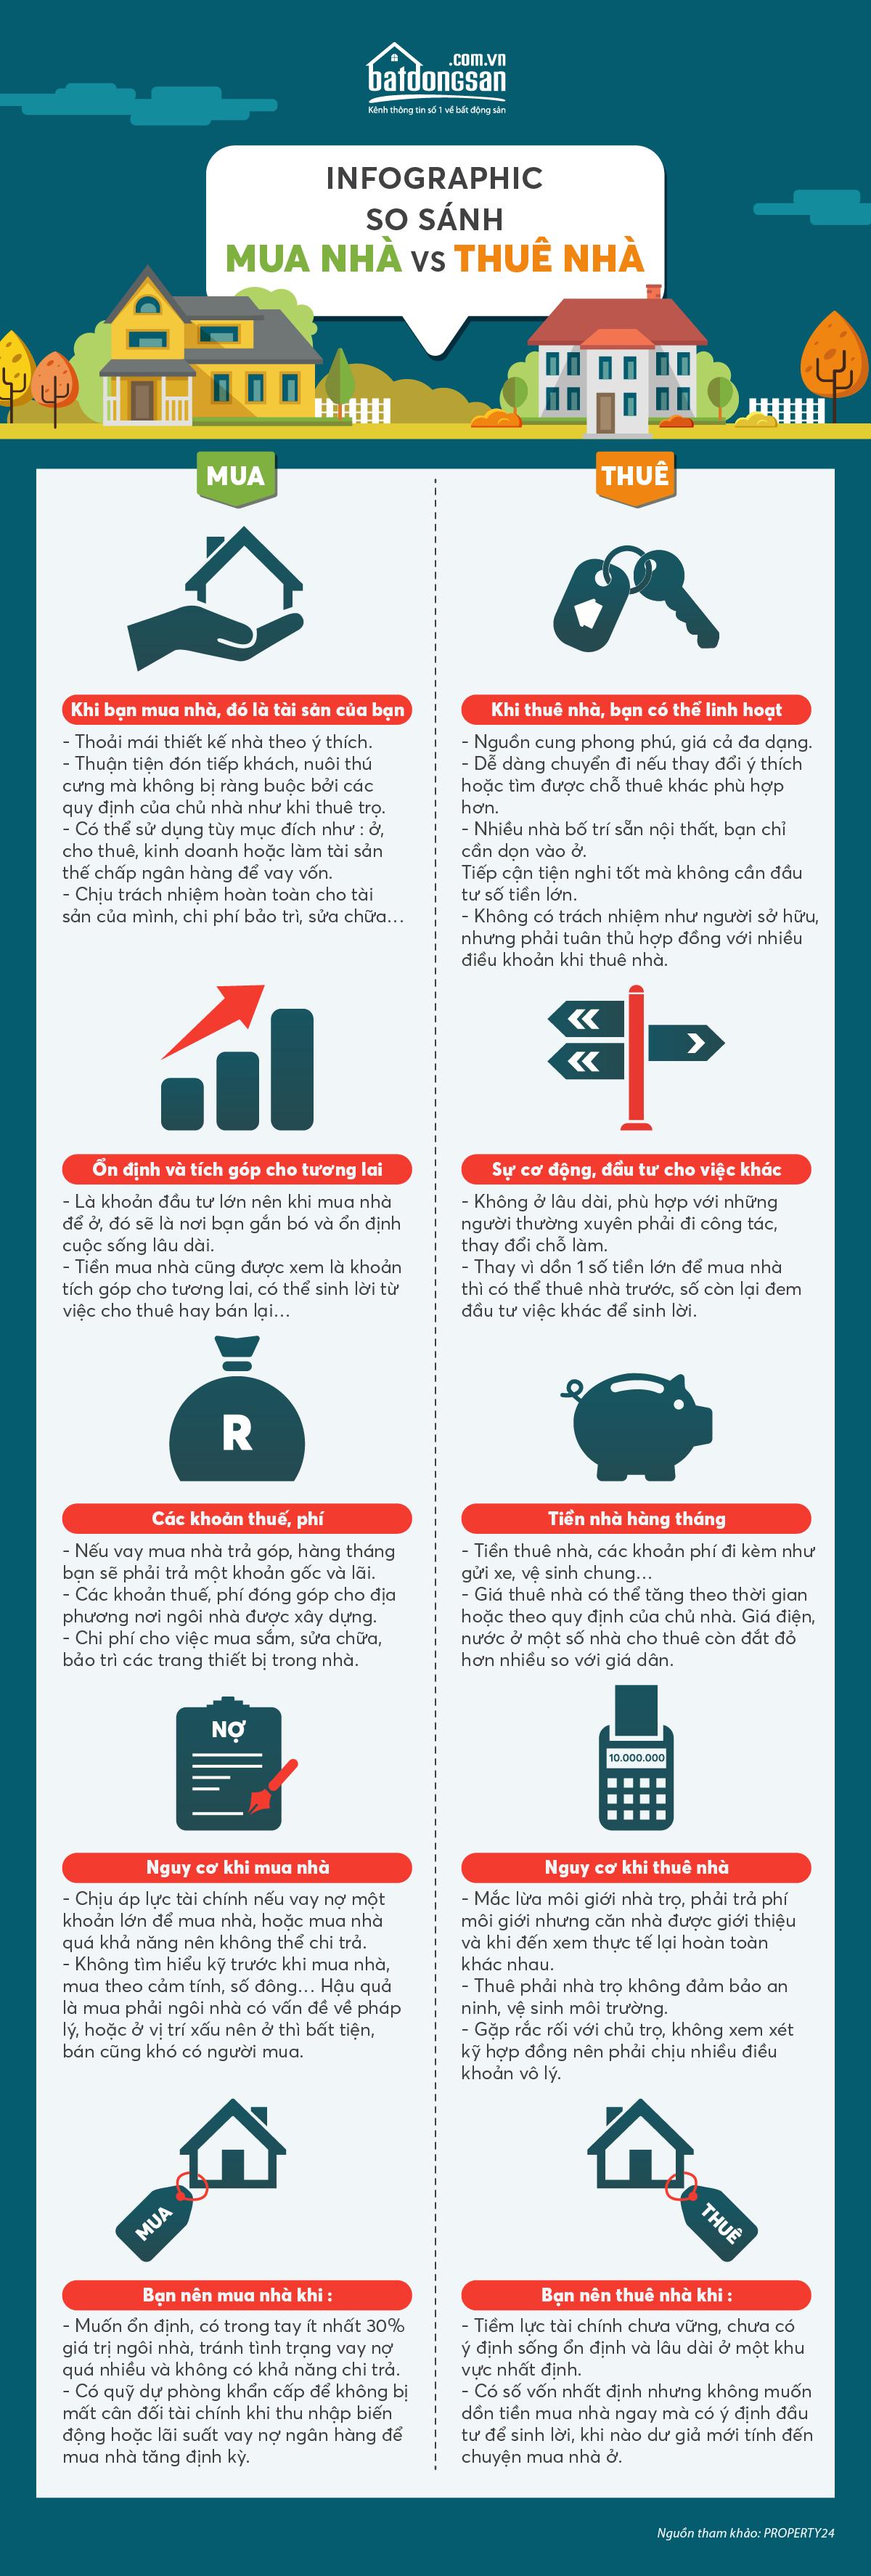 so sánh mua nhà và thuê nhà